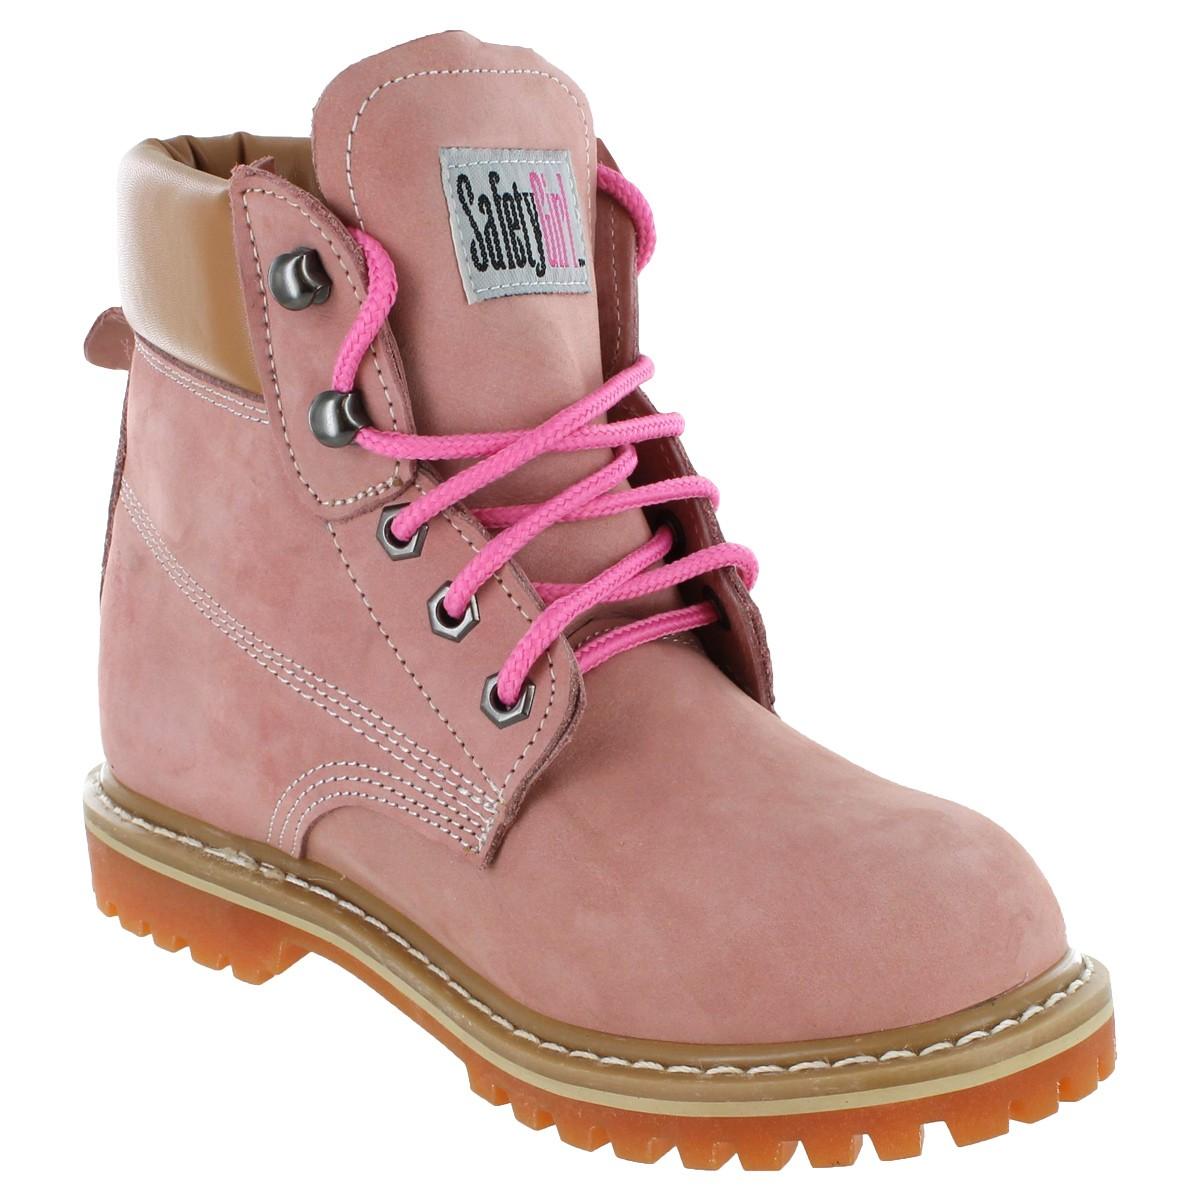 Im genes de zapatos de seguridad 15 modelos incre bles - Zapatos de seguridad baratos ...